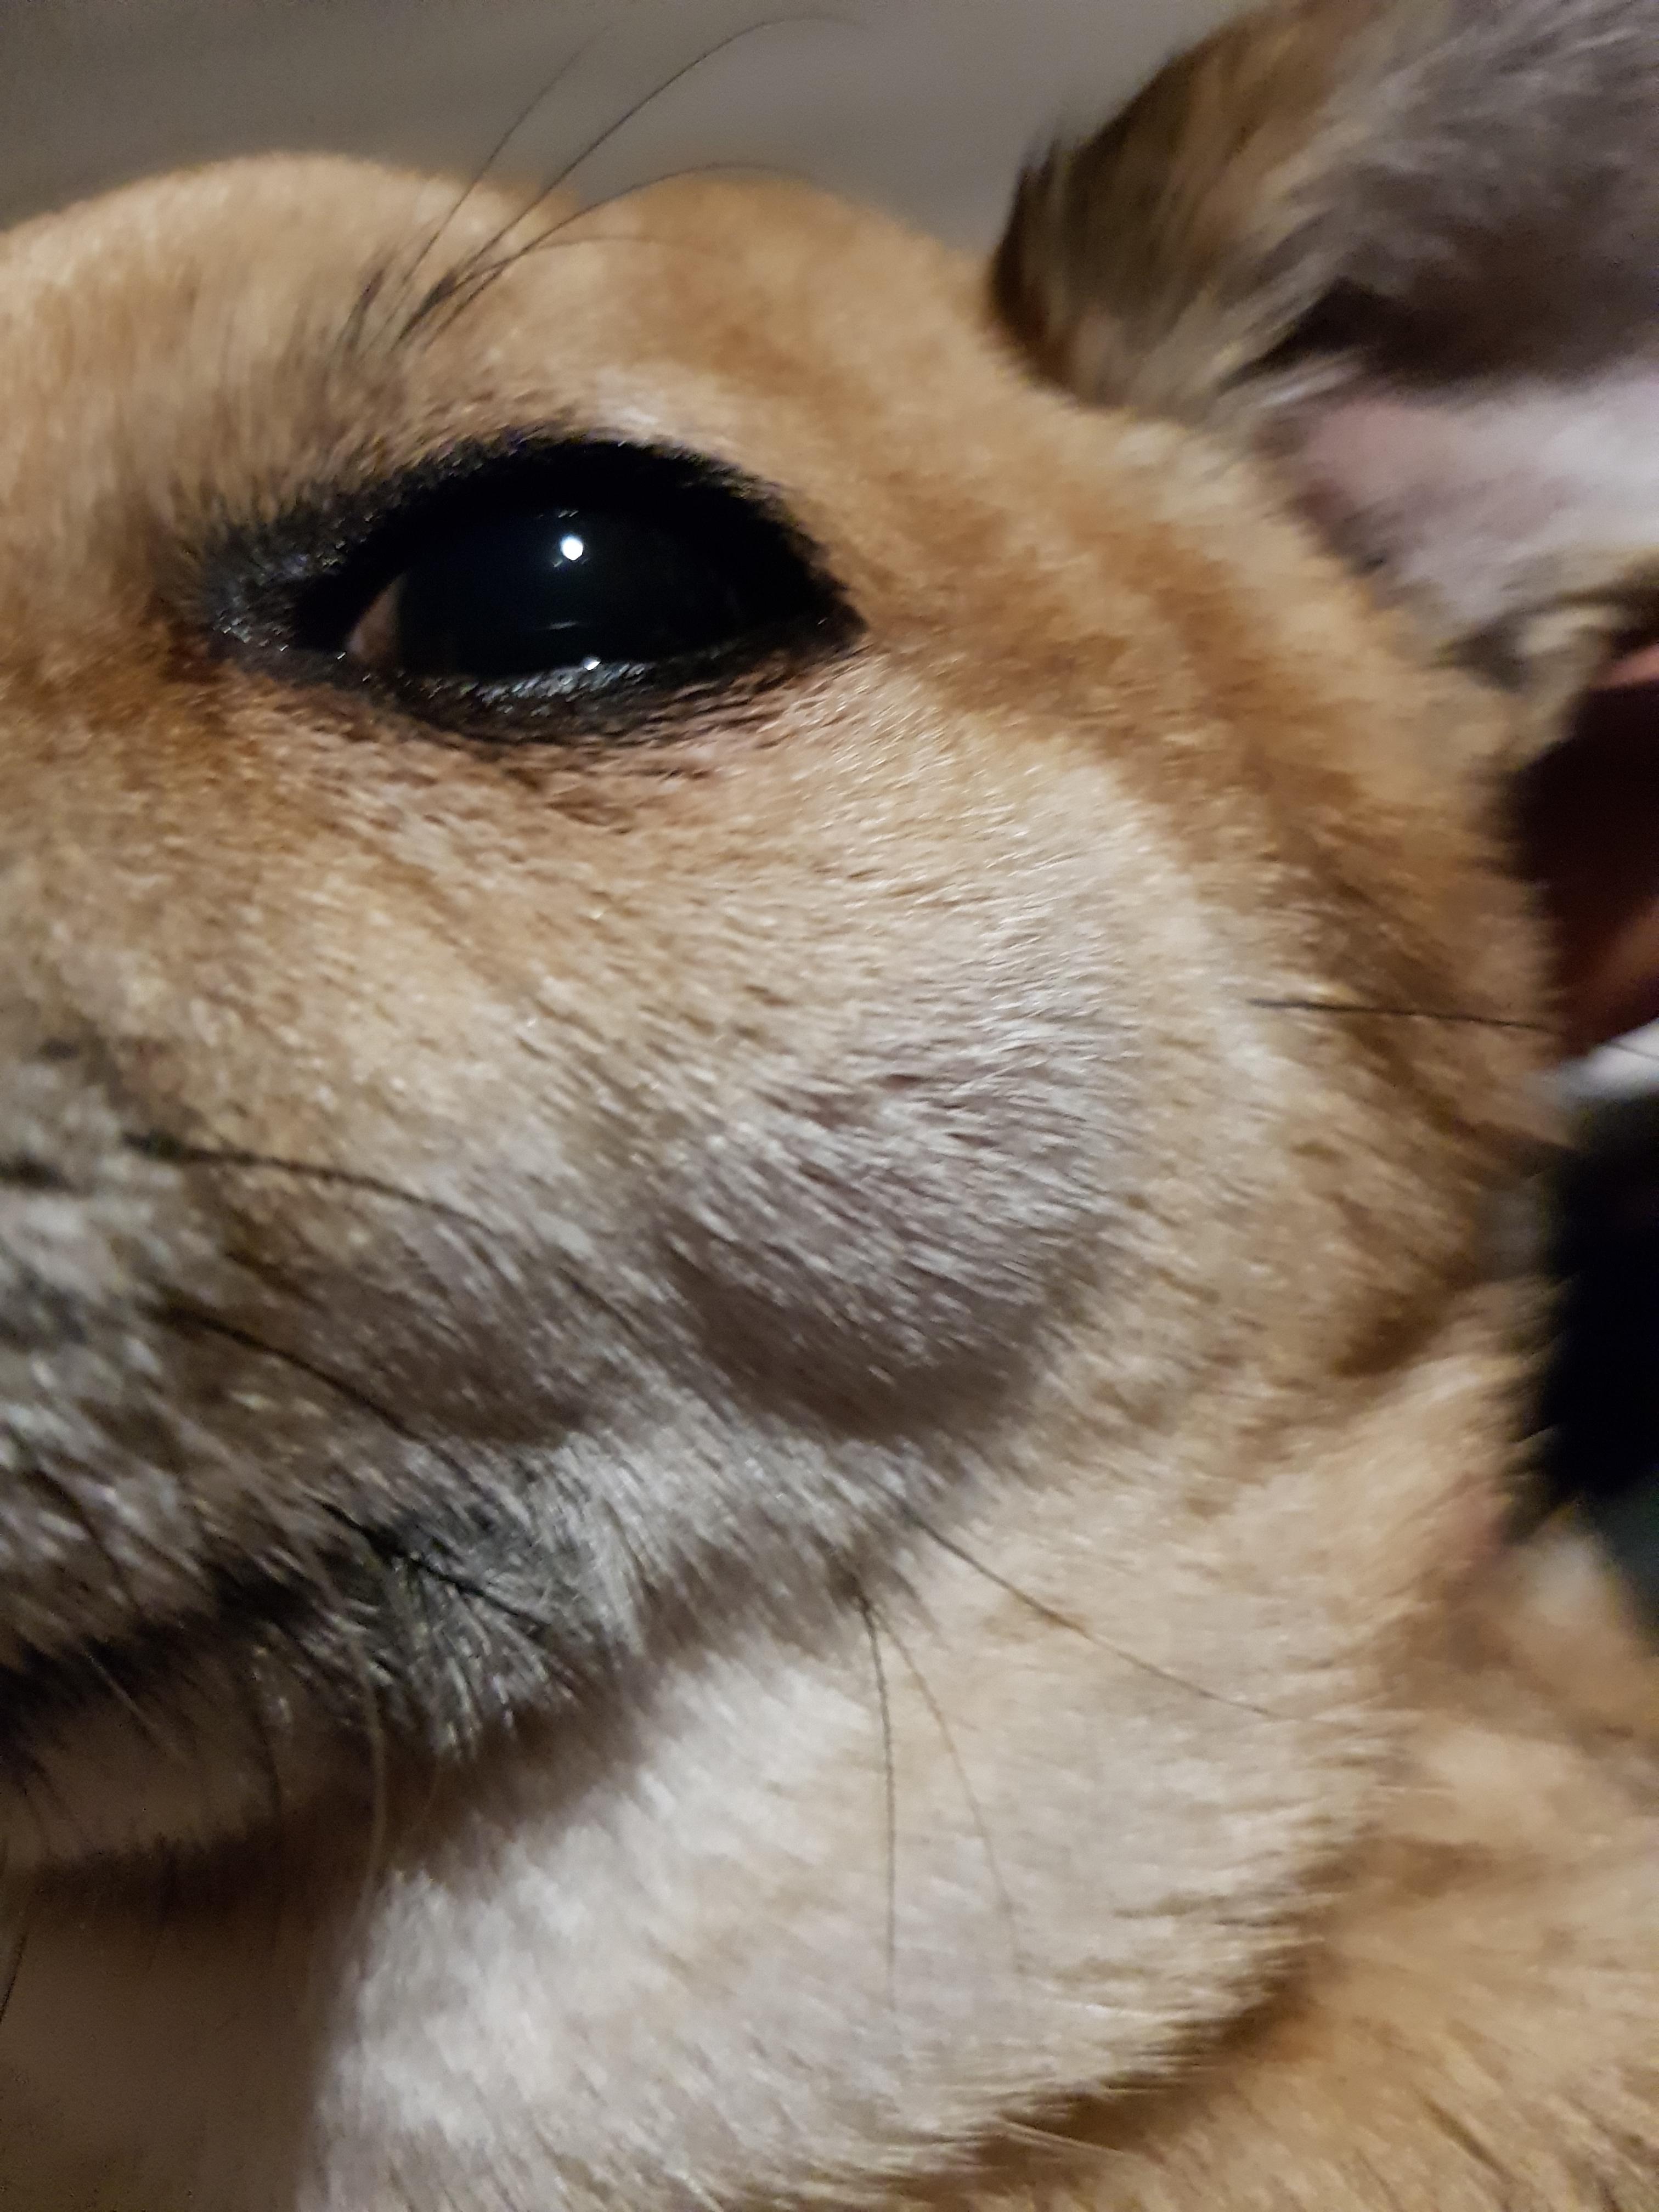 mi perro tiene bolitas debajo de la piel